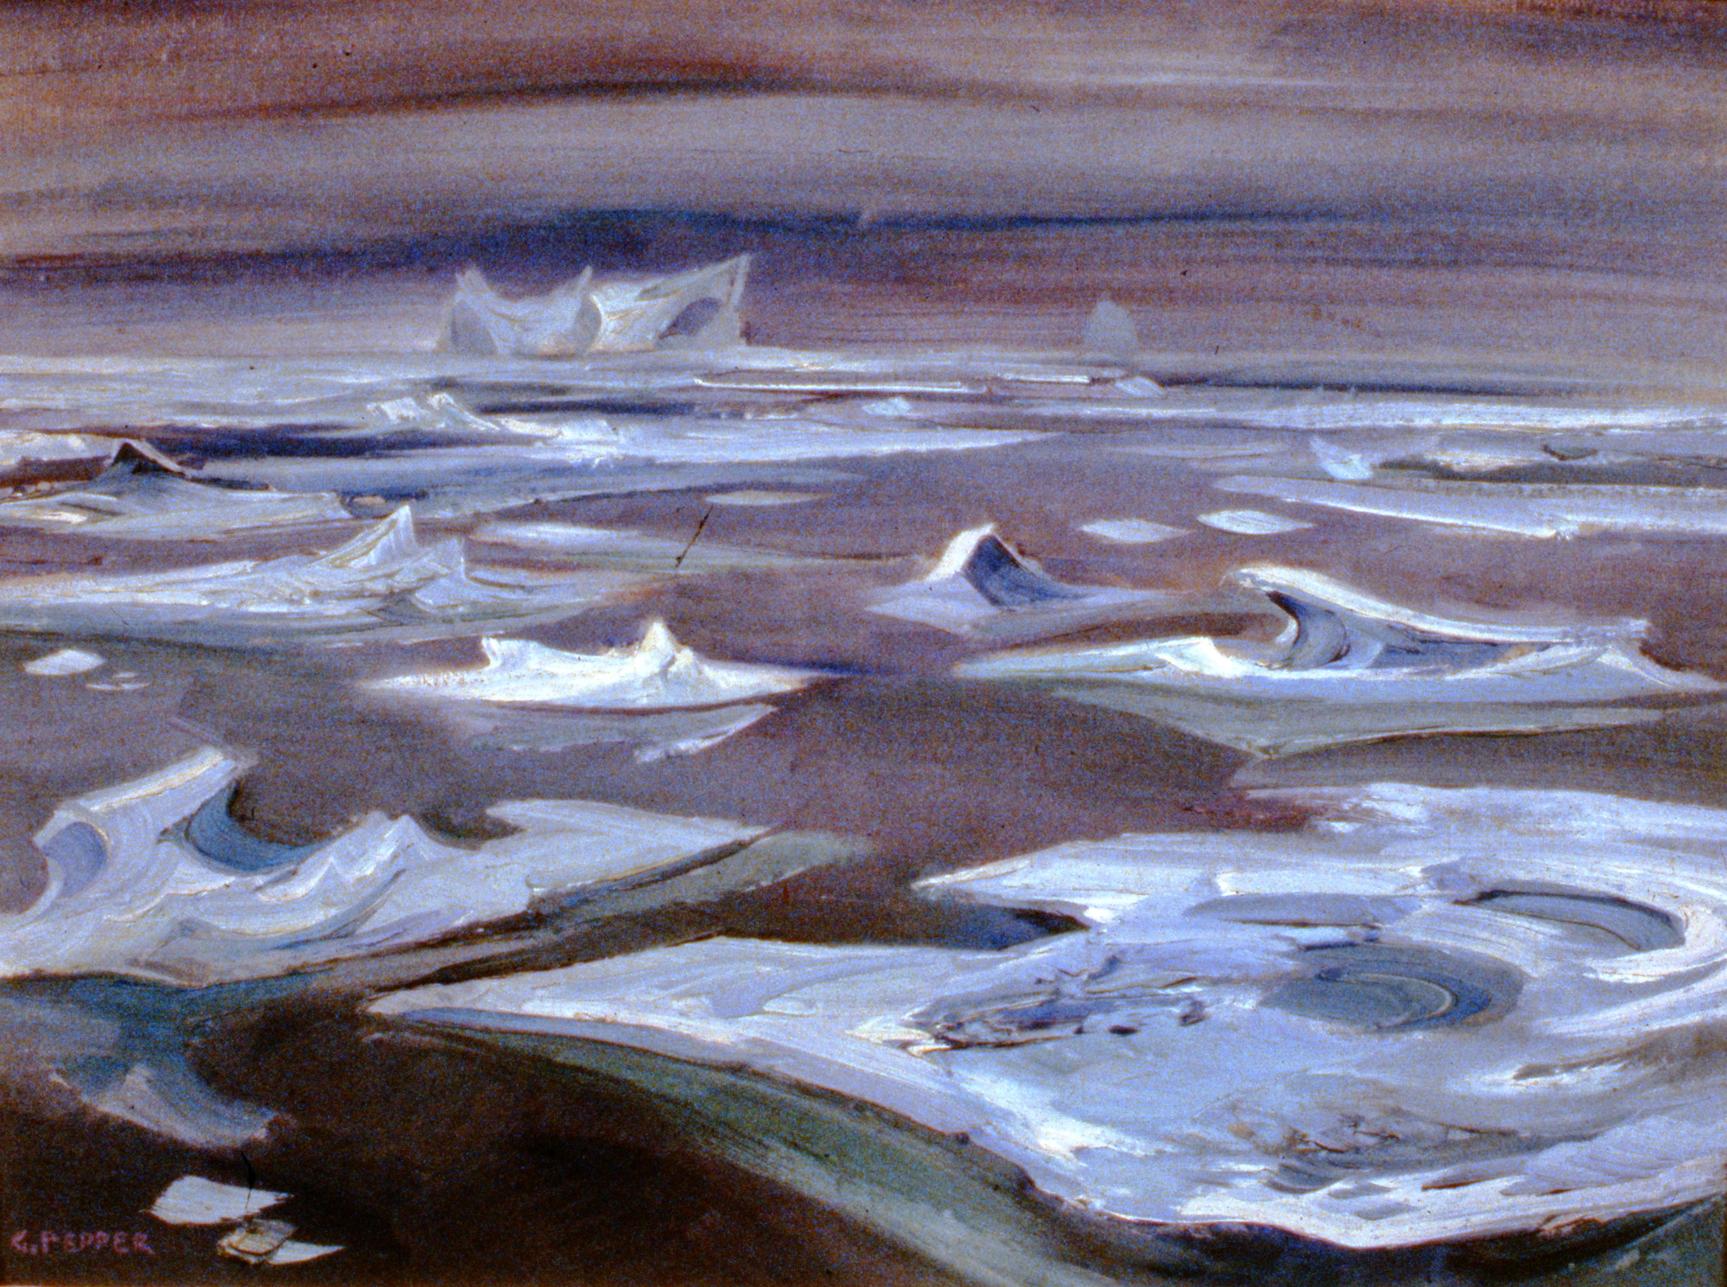 Glacier Ice Forms